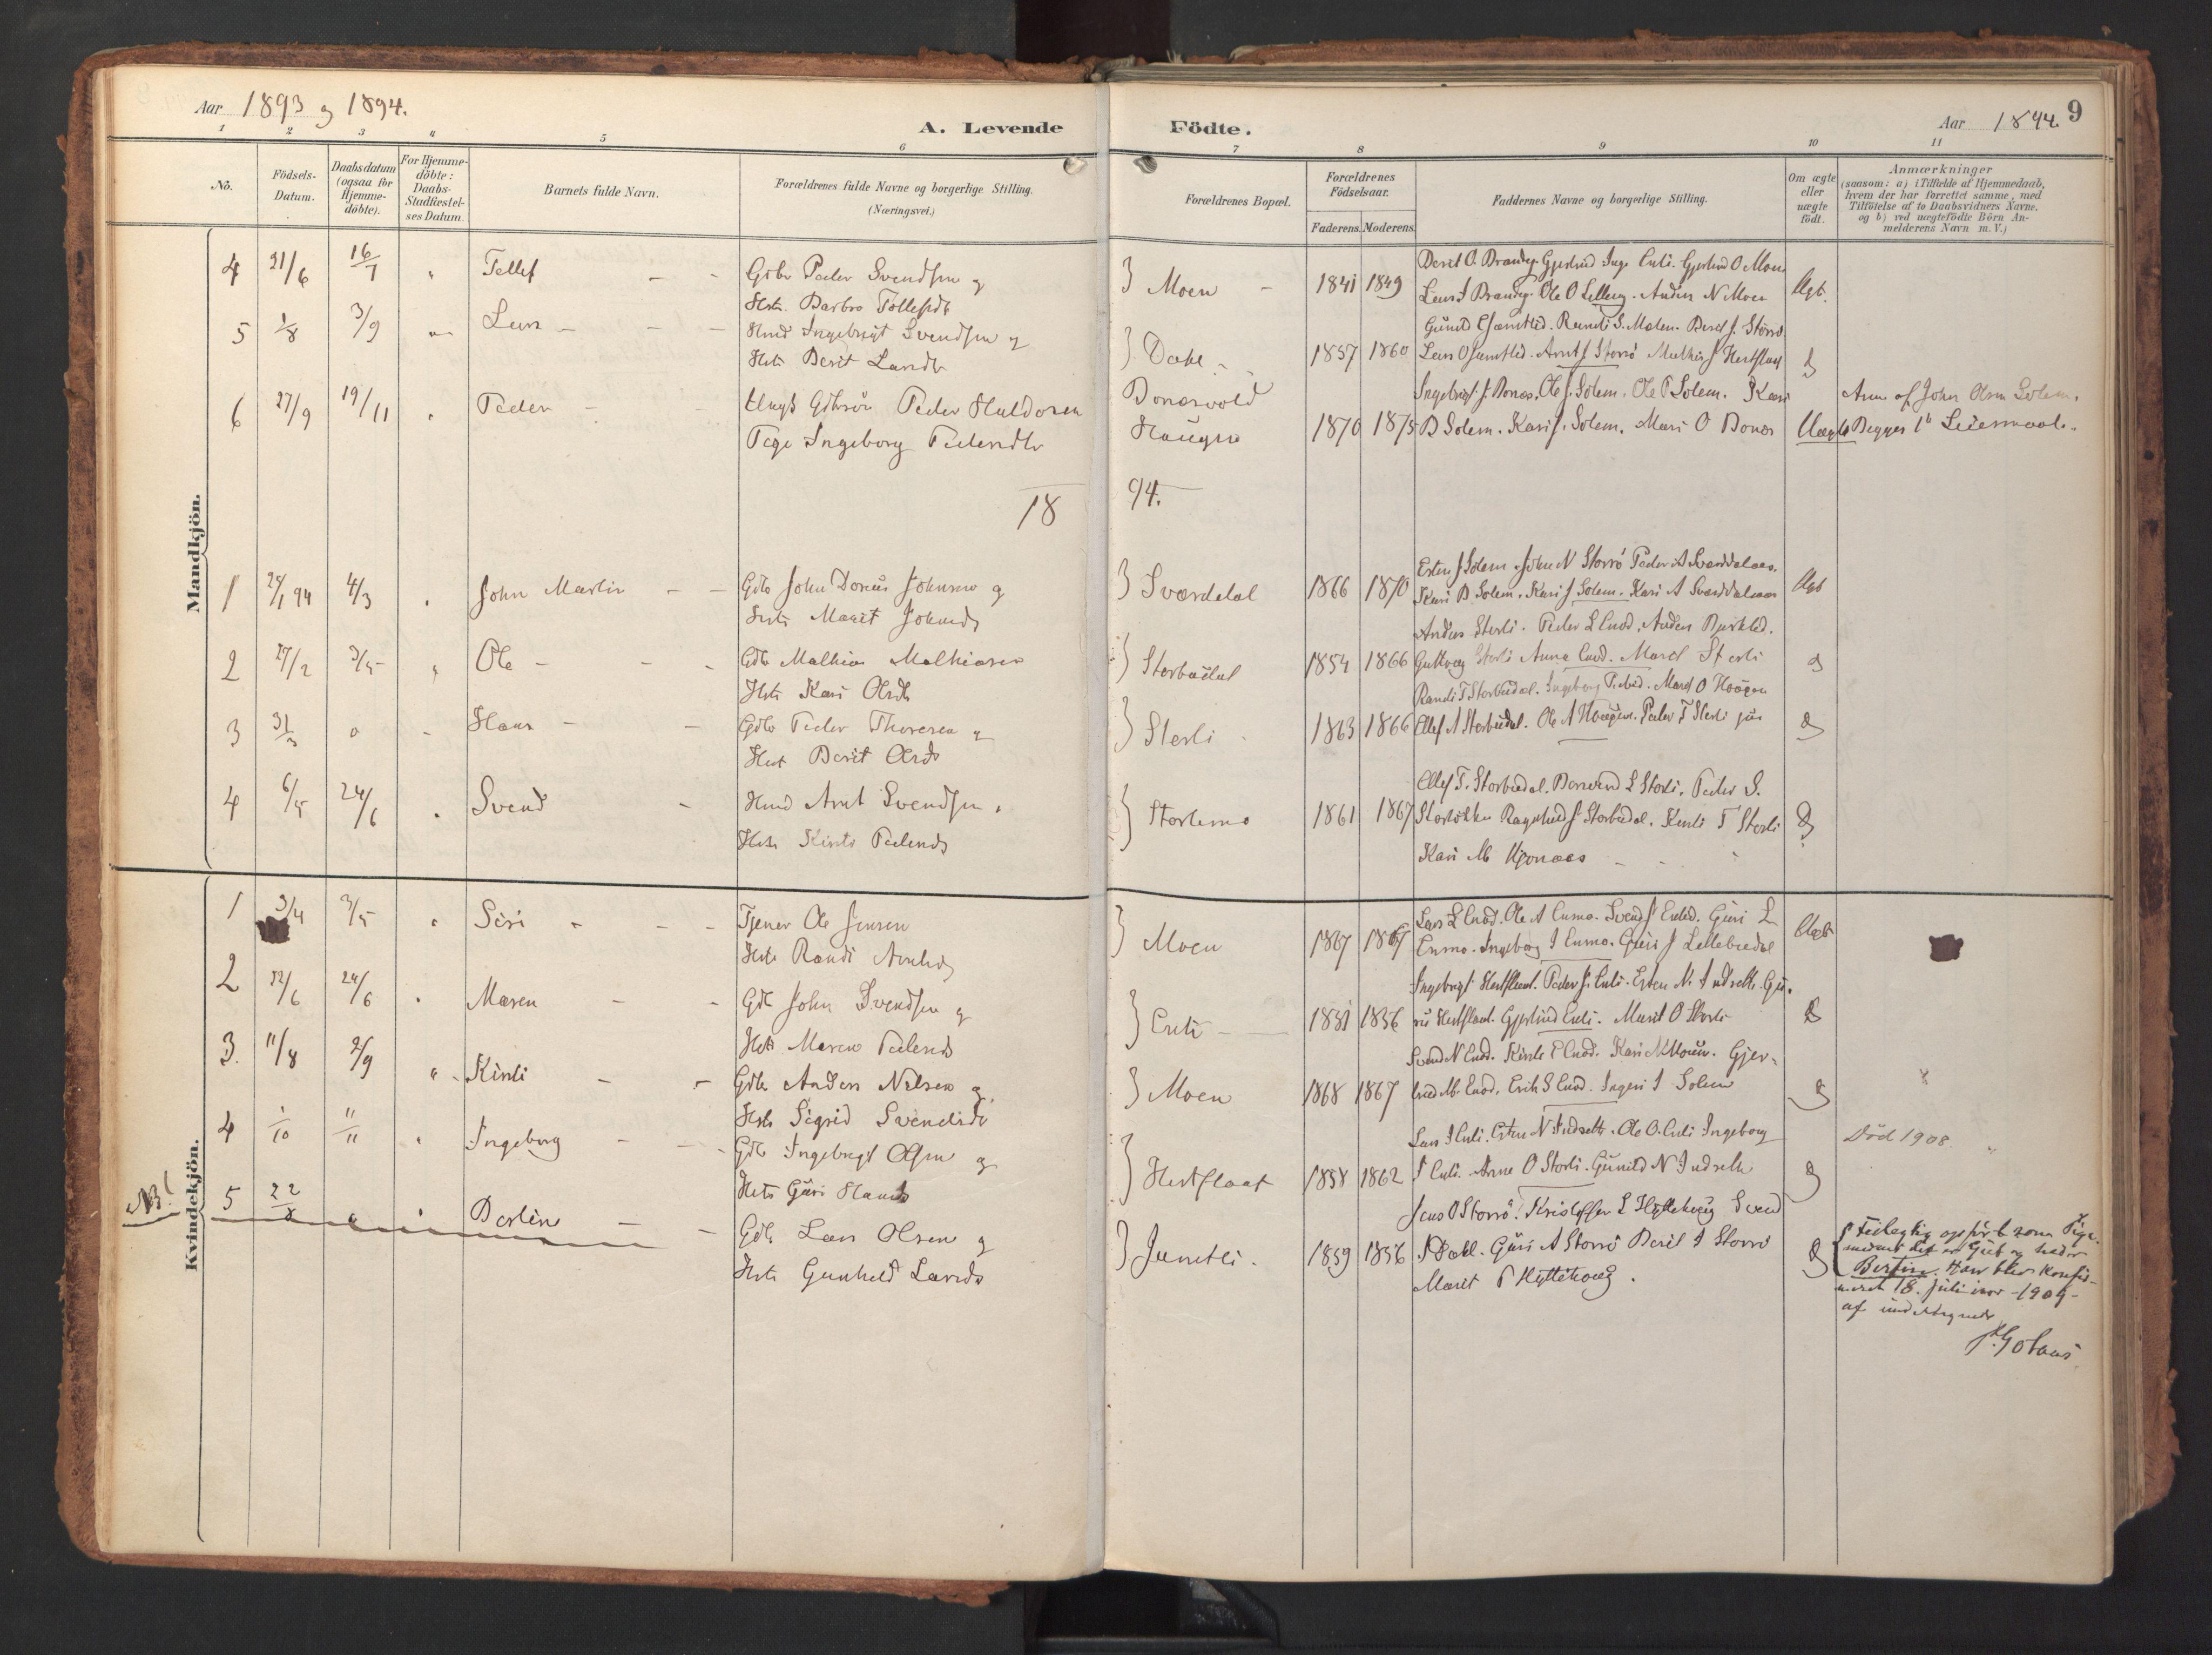 SAT, Ministerialprotokoller, klokkerbøker og fødselsregistre - Sør-Trøndelag, 690/L1050: Ministerialbok nr. 690A01, 1889-1929, s. 9